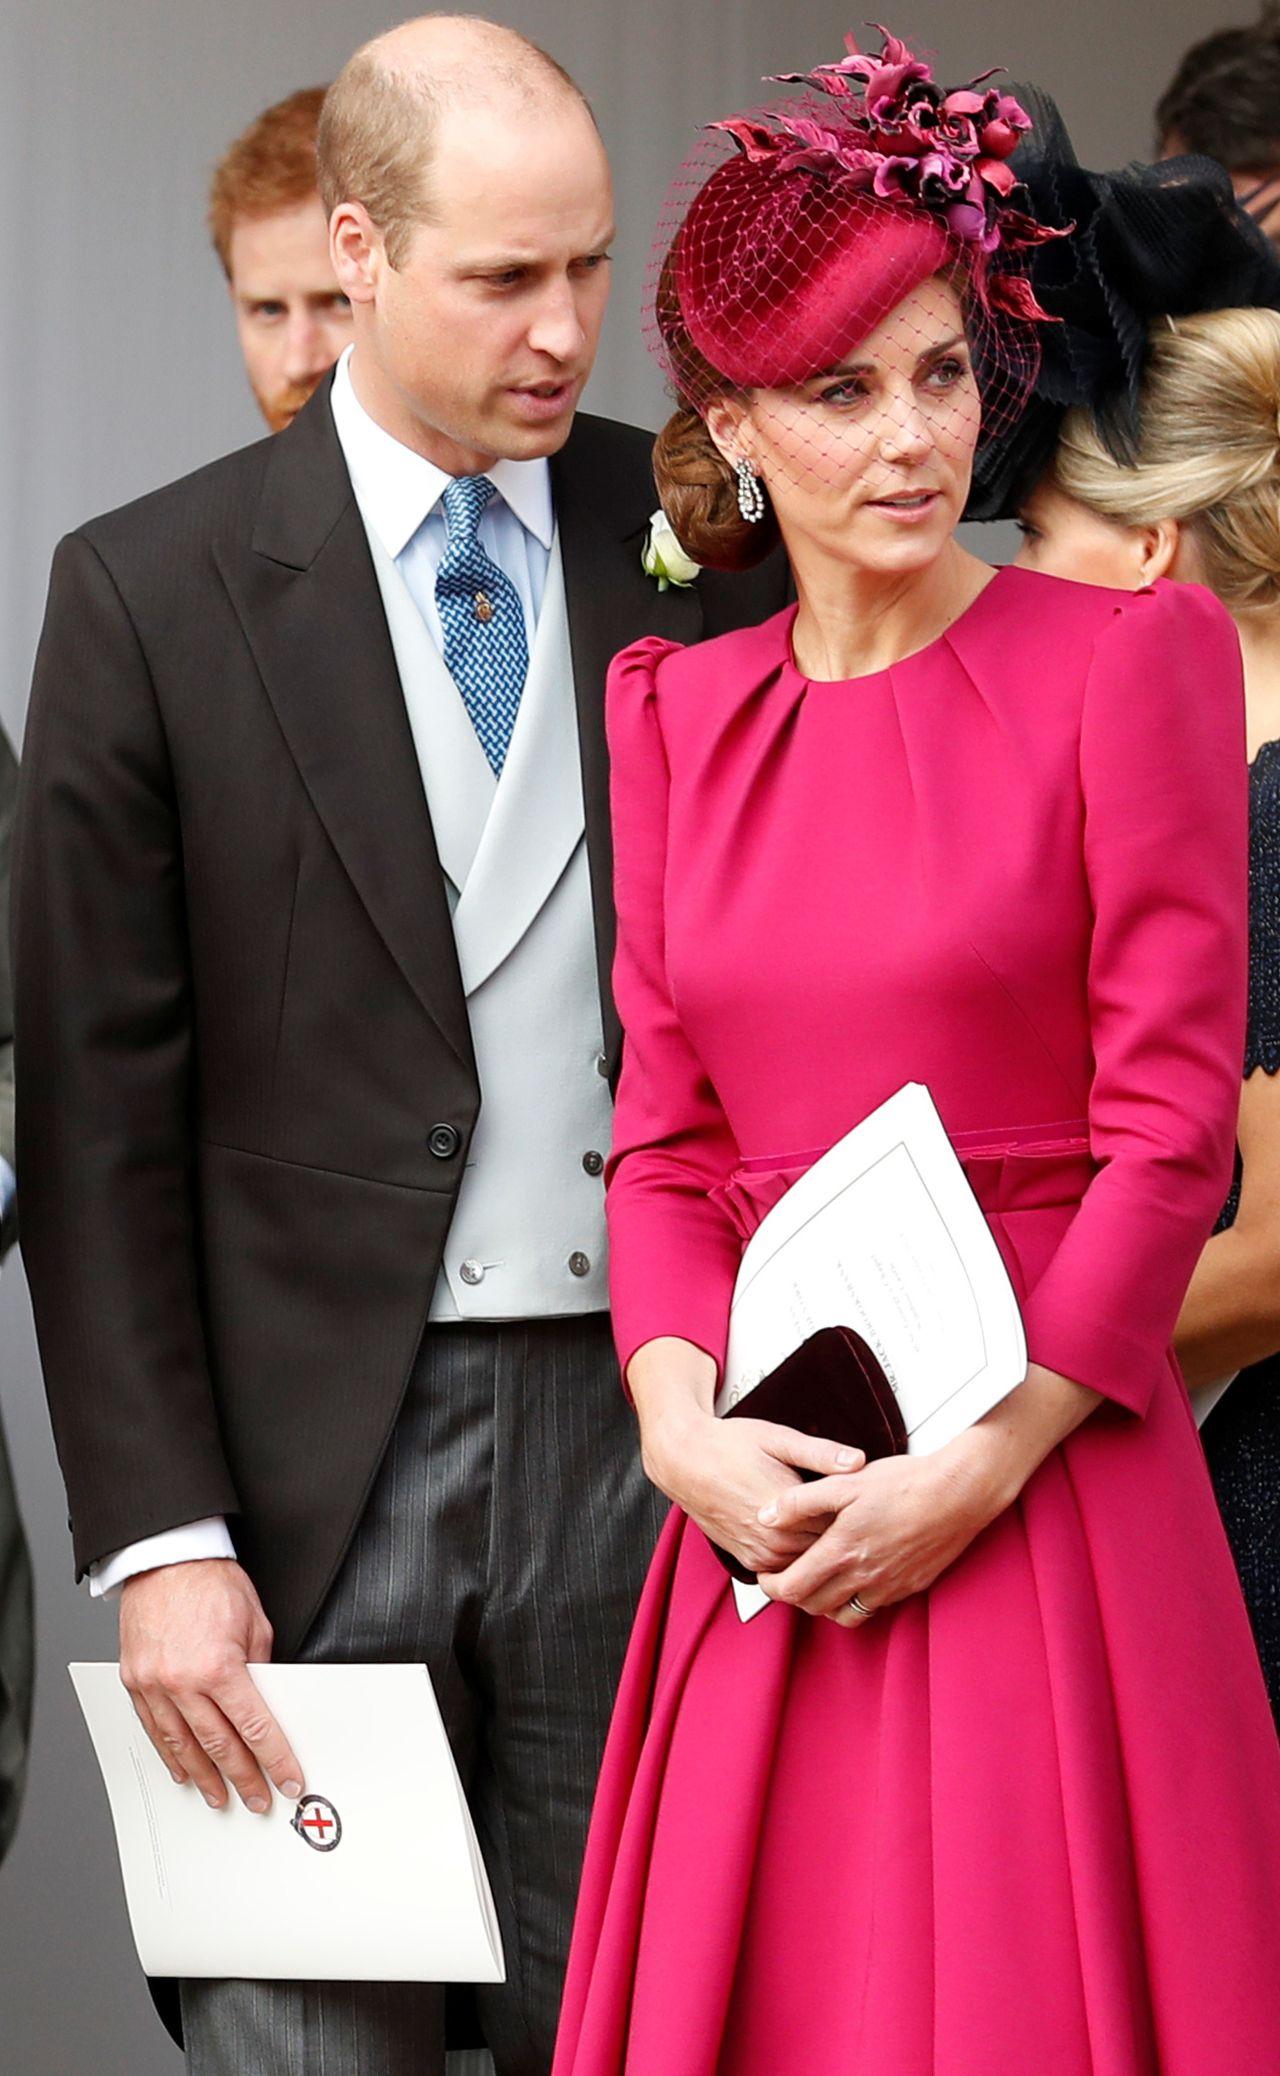 Rodzina królewska porozumiewa się za pomocą grupowego CZATU